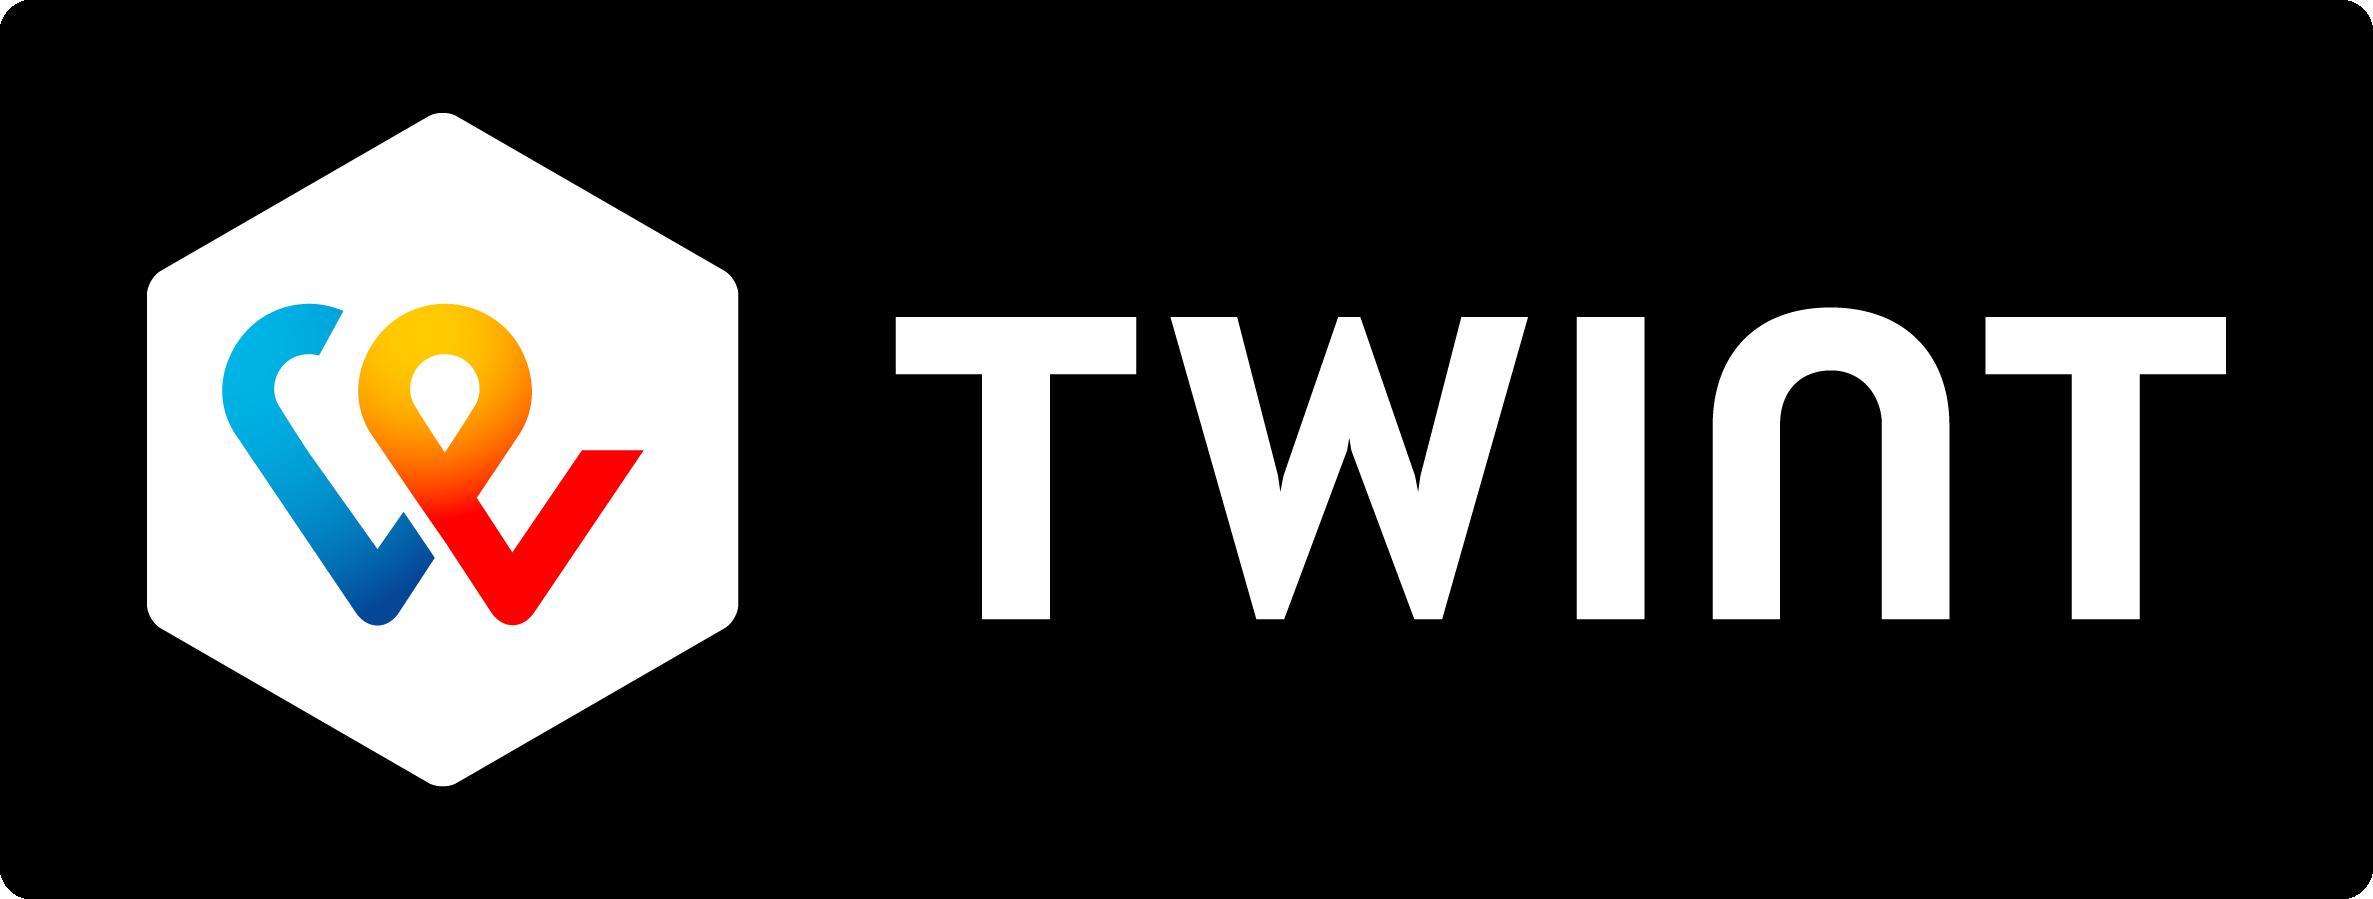 TWINT - Mobile Payment - Sparkasse App - Sparkasse | Bank Sparkasse Schwyz  AG